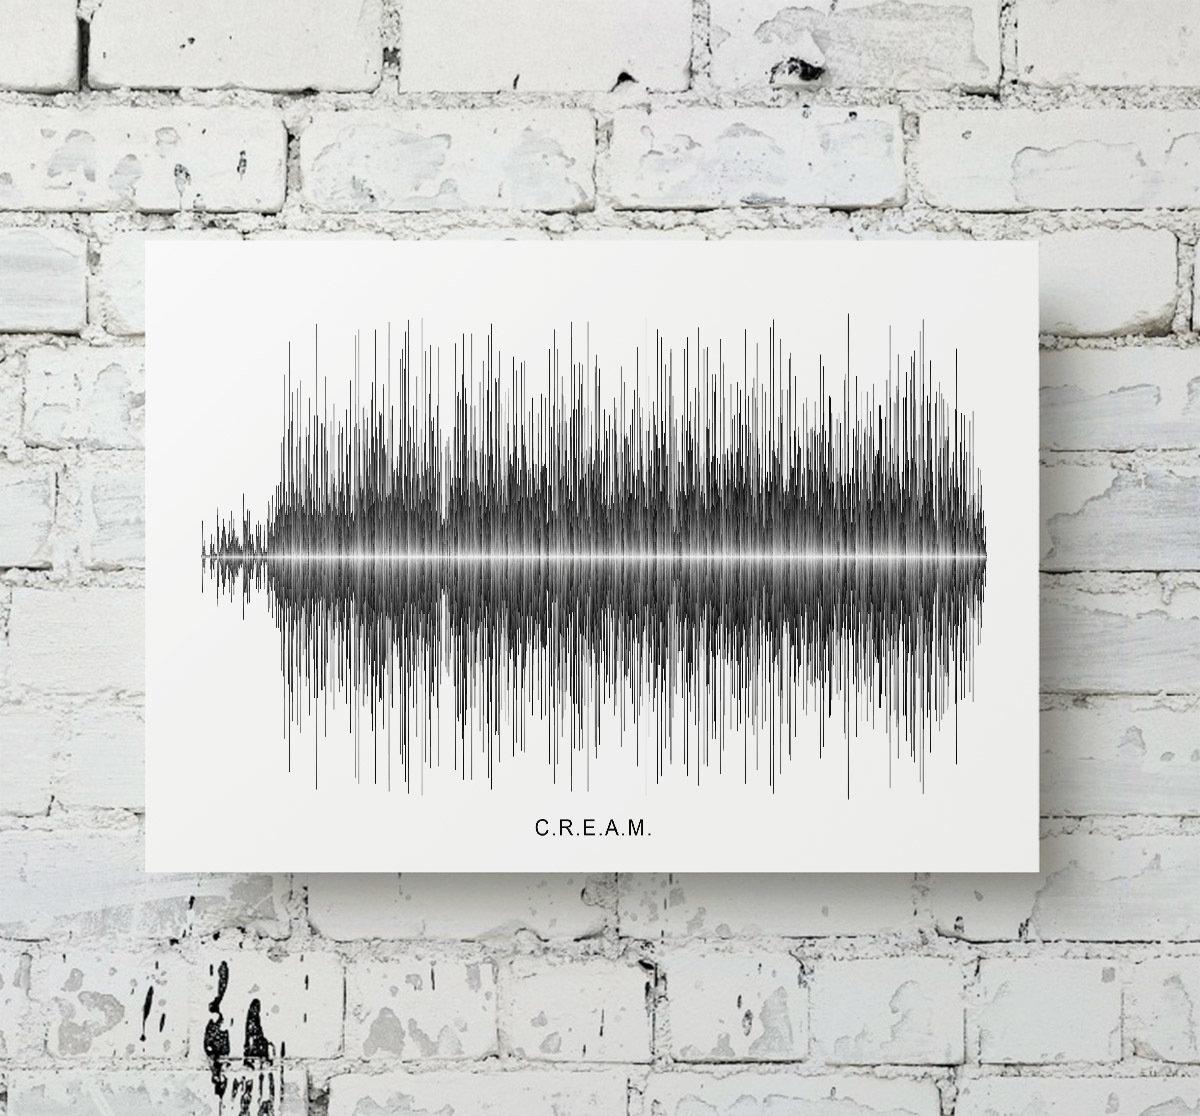 Wu-Tang Clan - C.R.E.A.M. Soundwave Metal